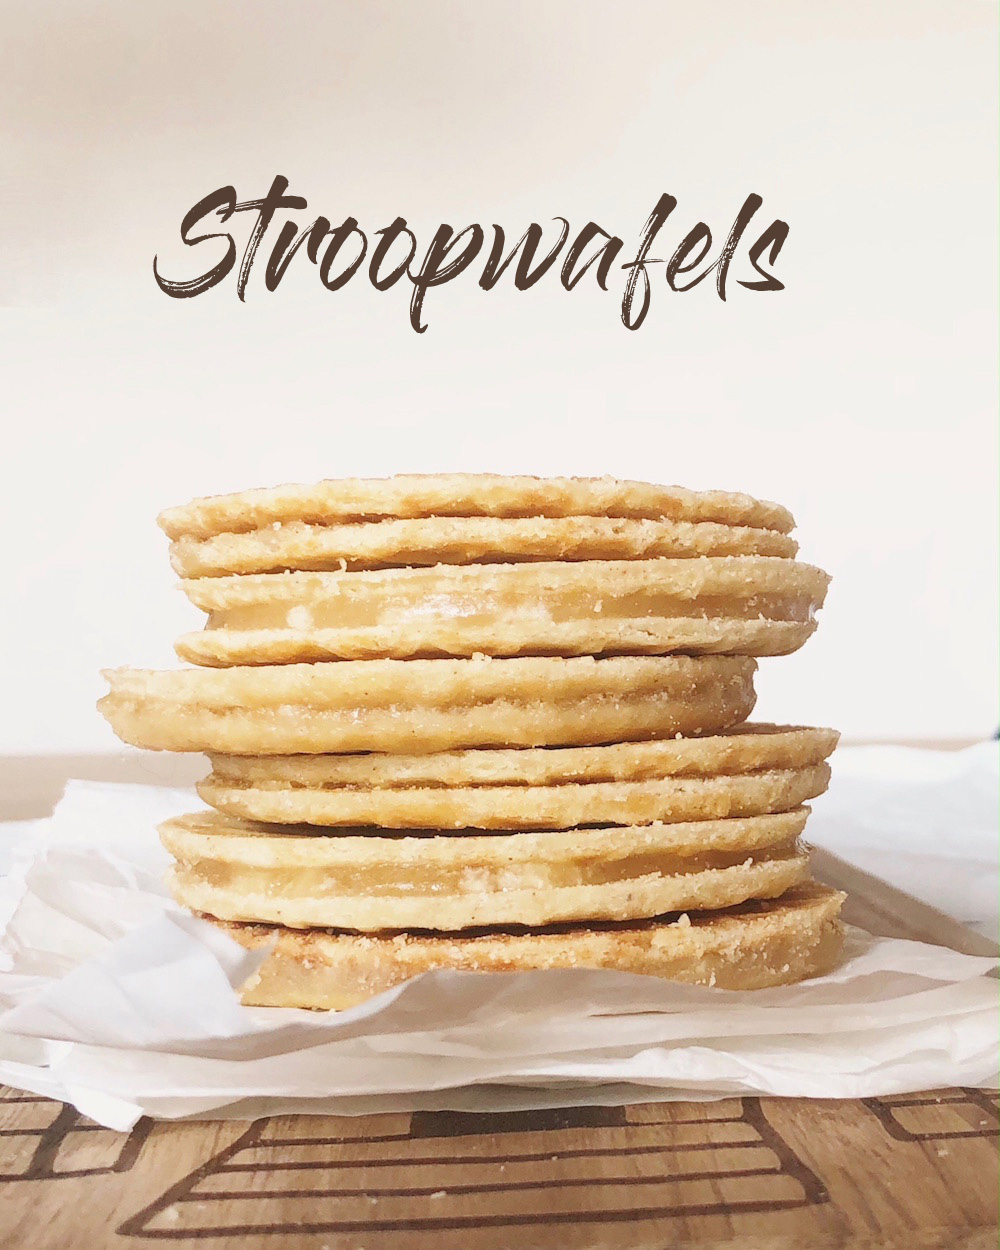 Salted Maple Caramel Stroopwafels - Waffel-Grundrezept und eine Variante mit salzigem Ahornsirup-Karamell